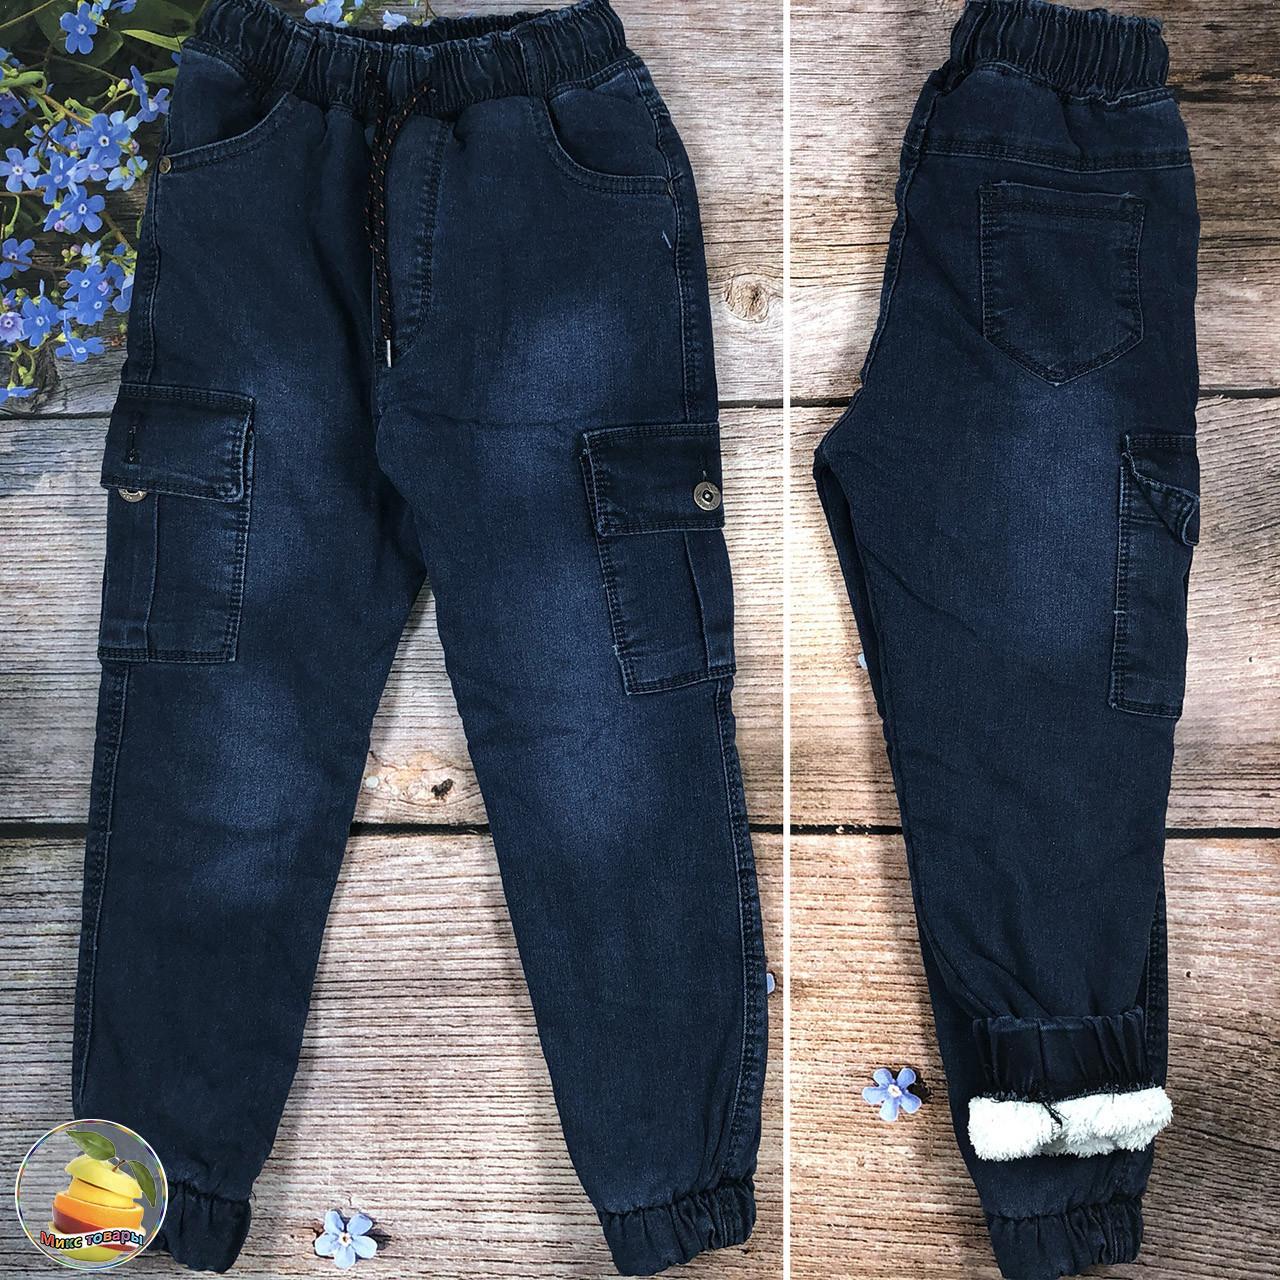 Синие Турецкие джинсы на травке для мальчика подростка Размеры: 8,9,10,11,12 лет (20838-1)